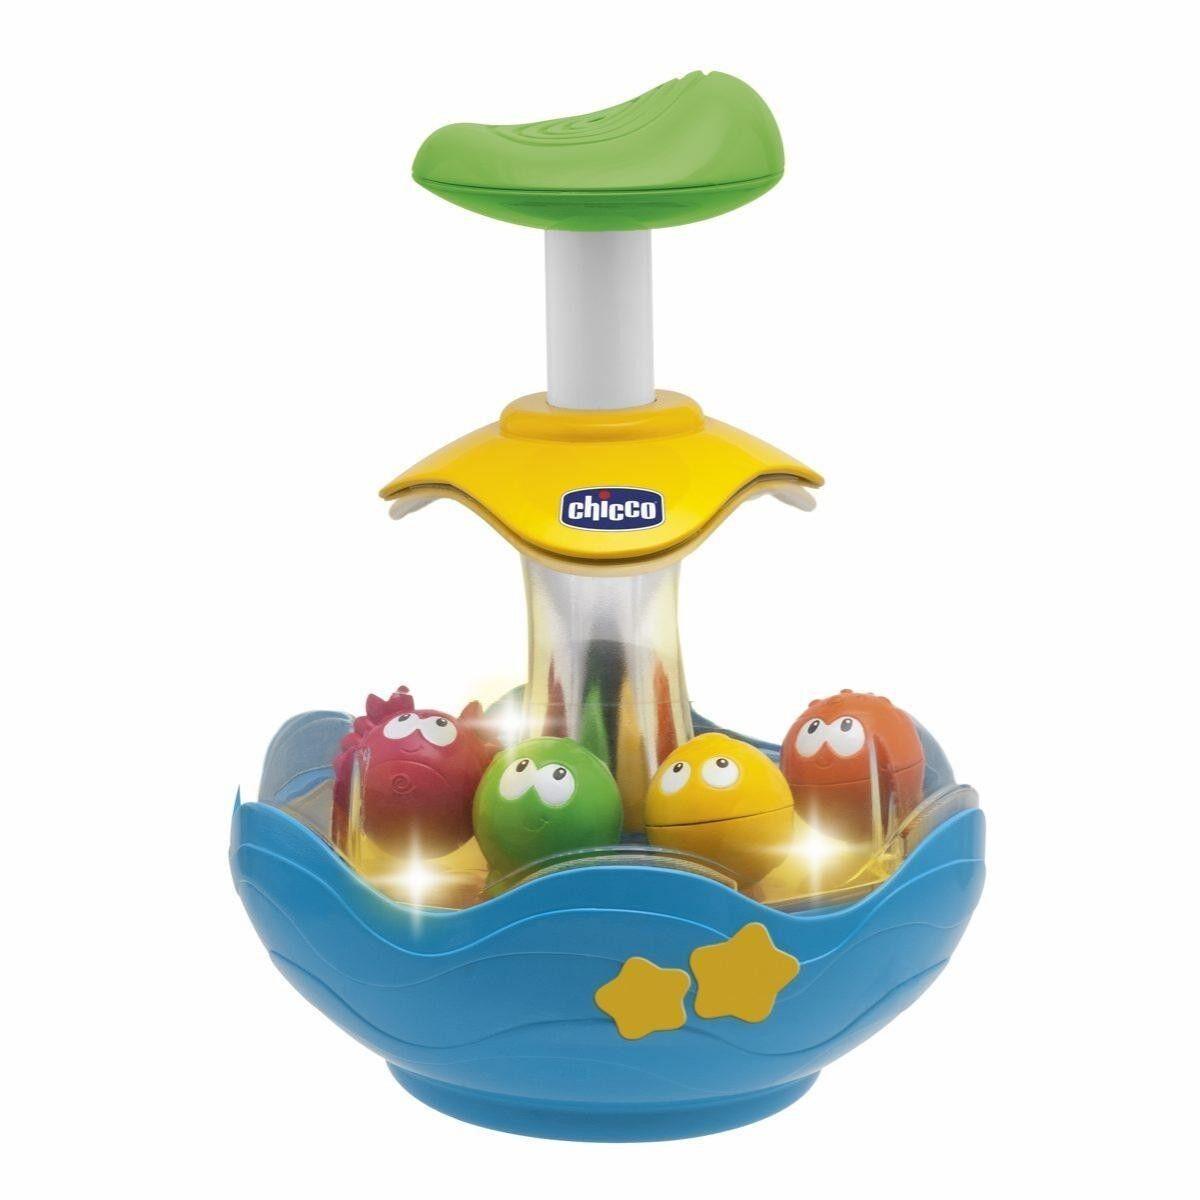 chicco gioco trottola acquario